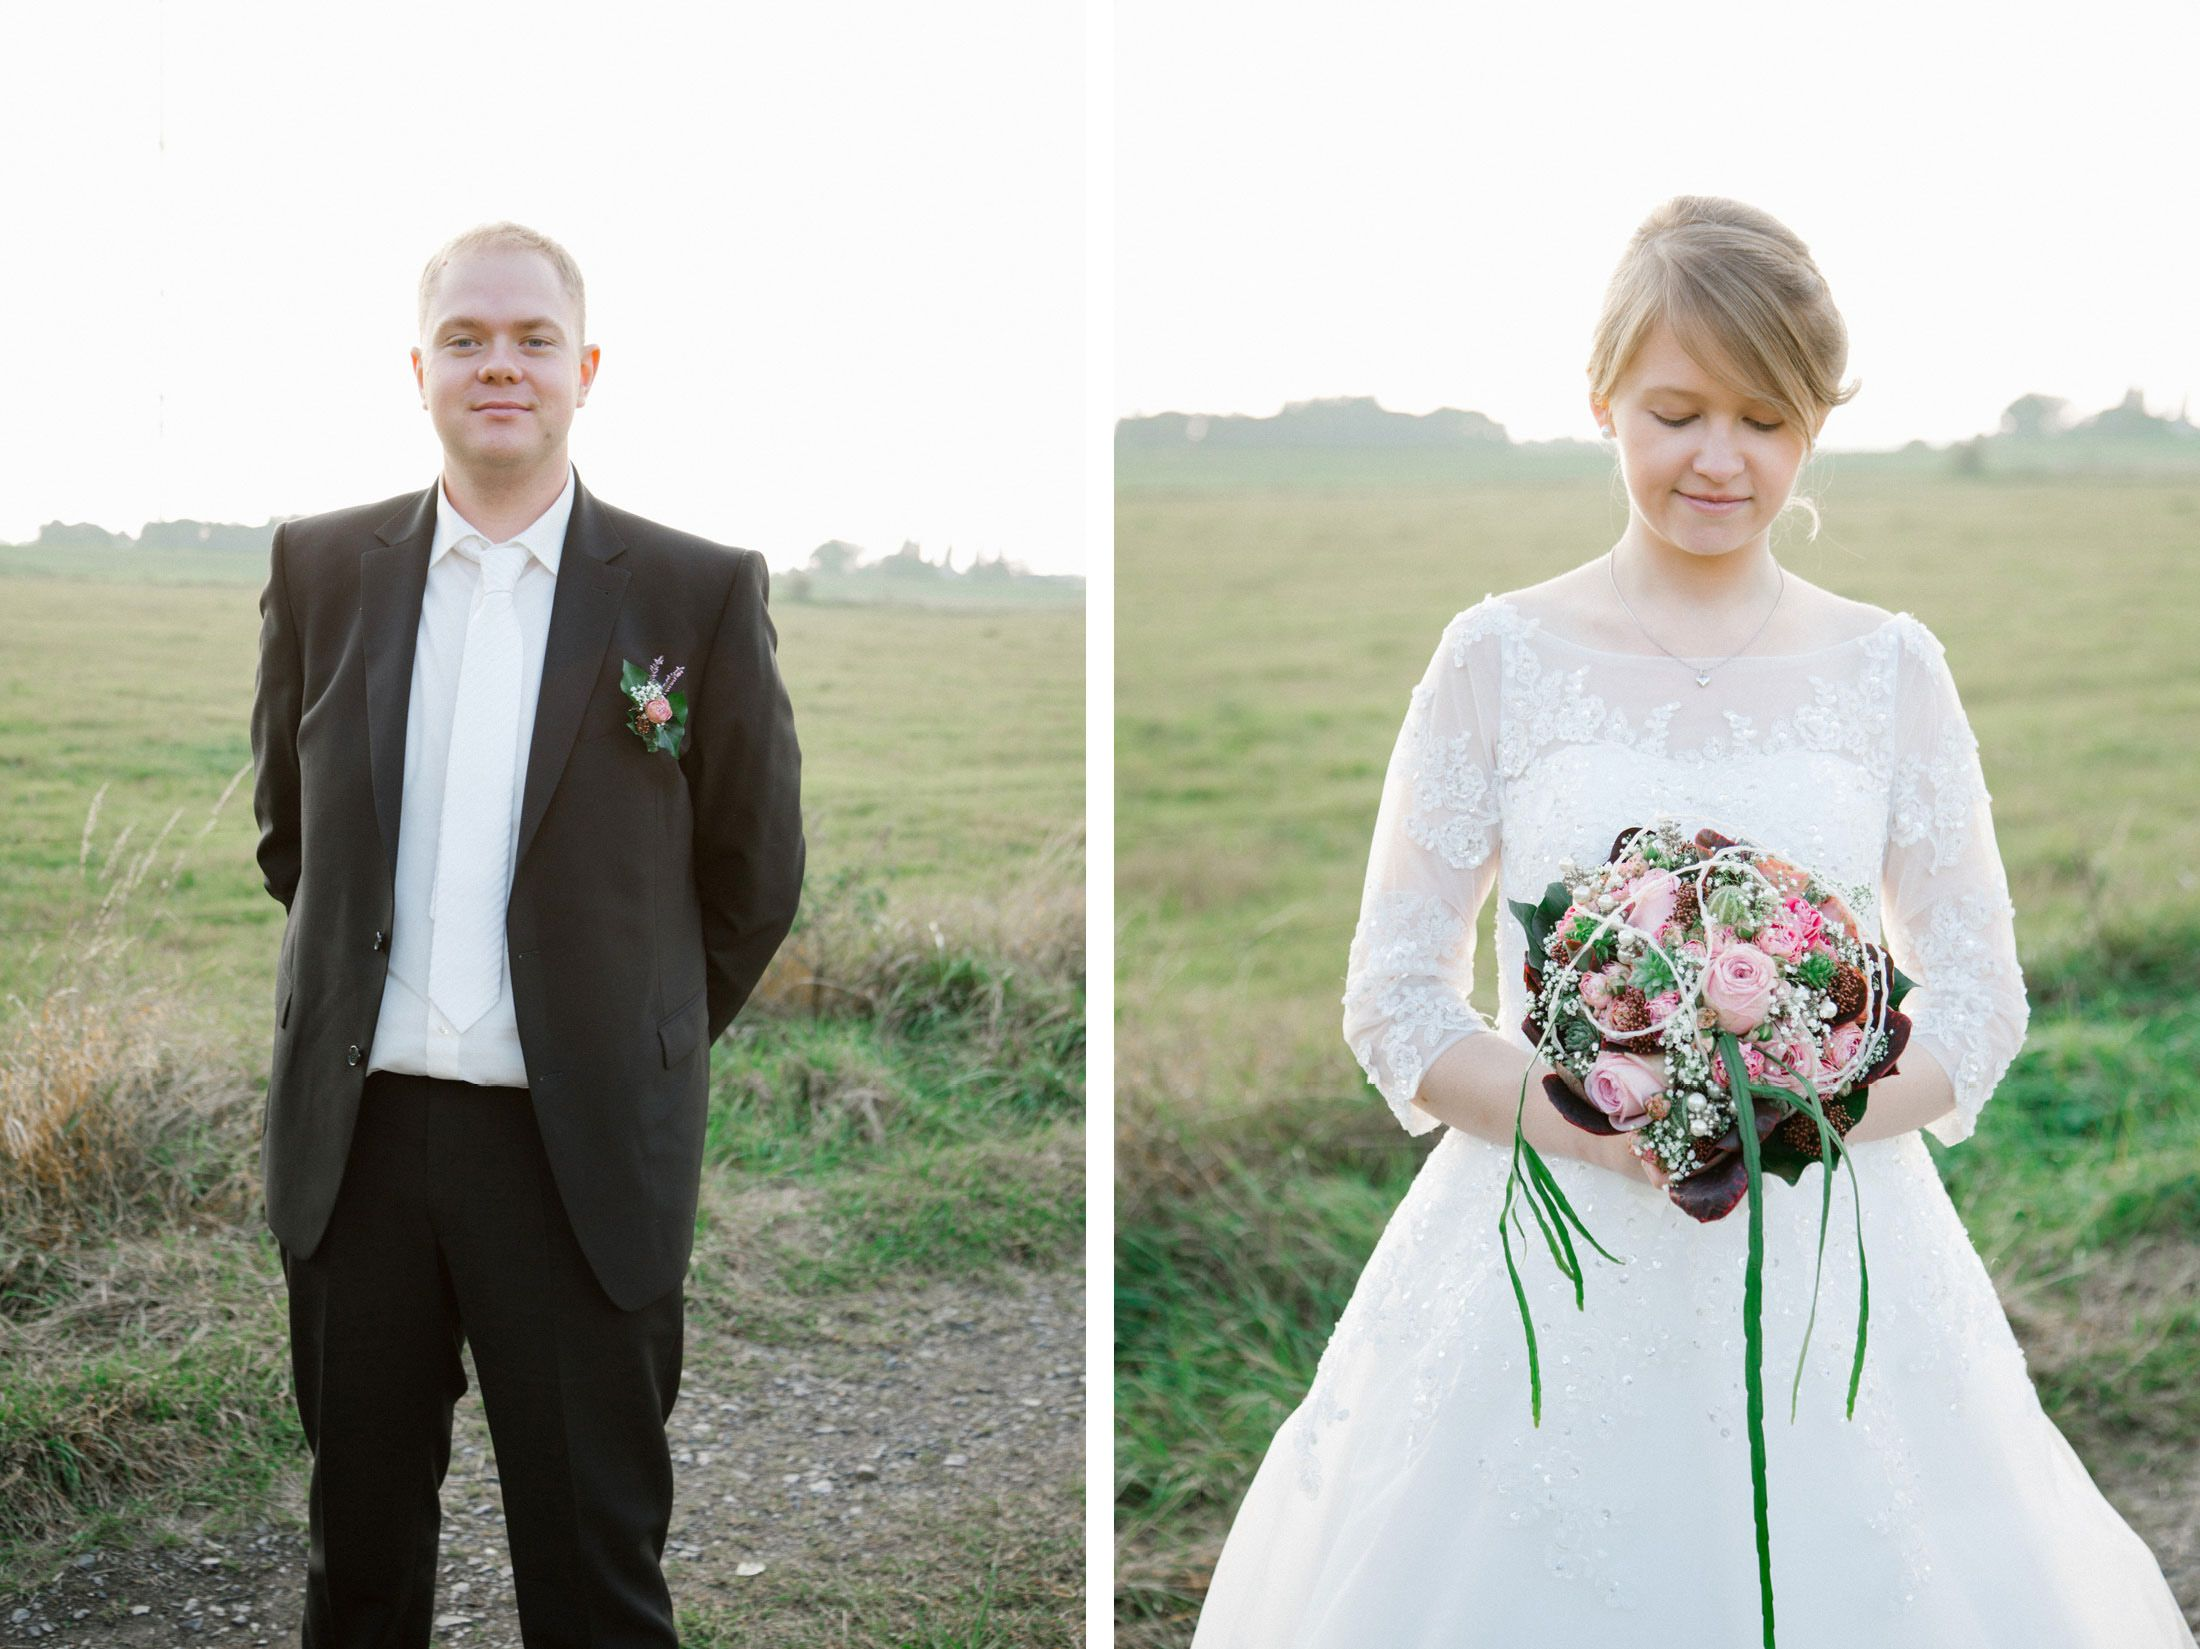 Wedding Photography By Katja Ziegert Www Katjaziegert Com Germany